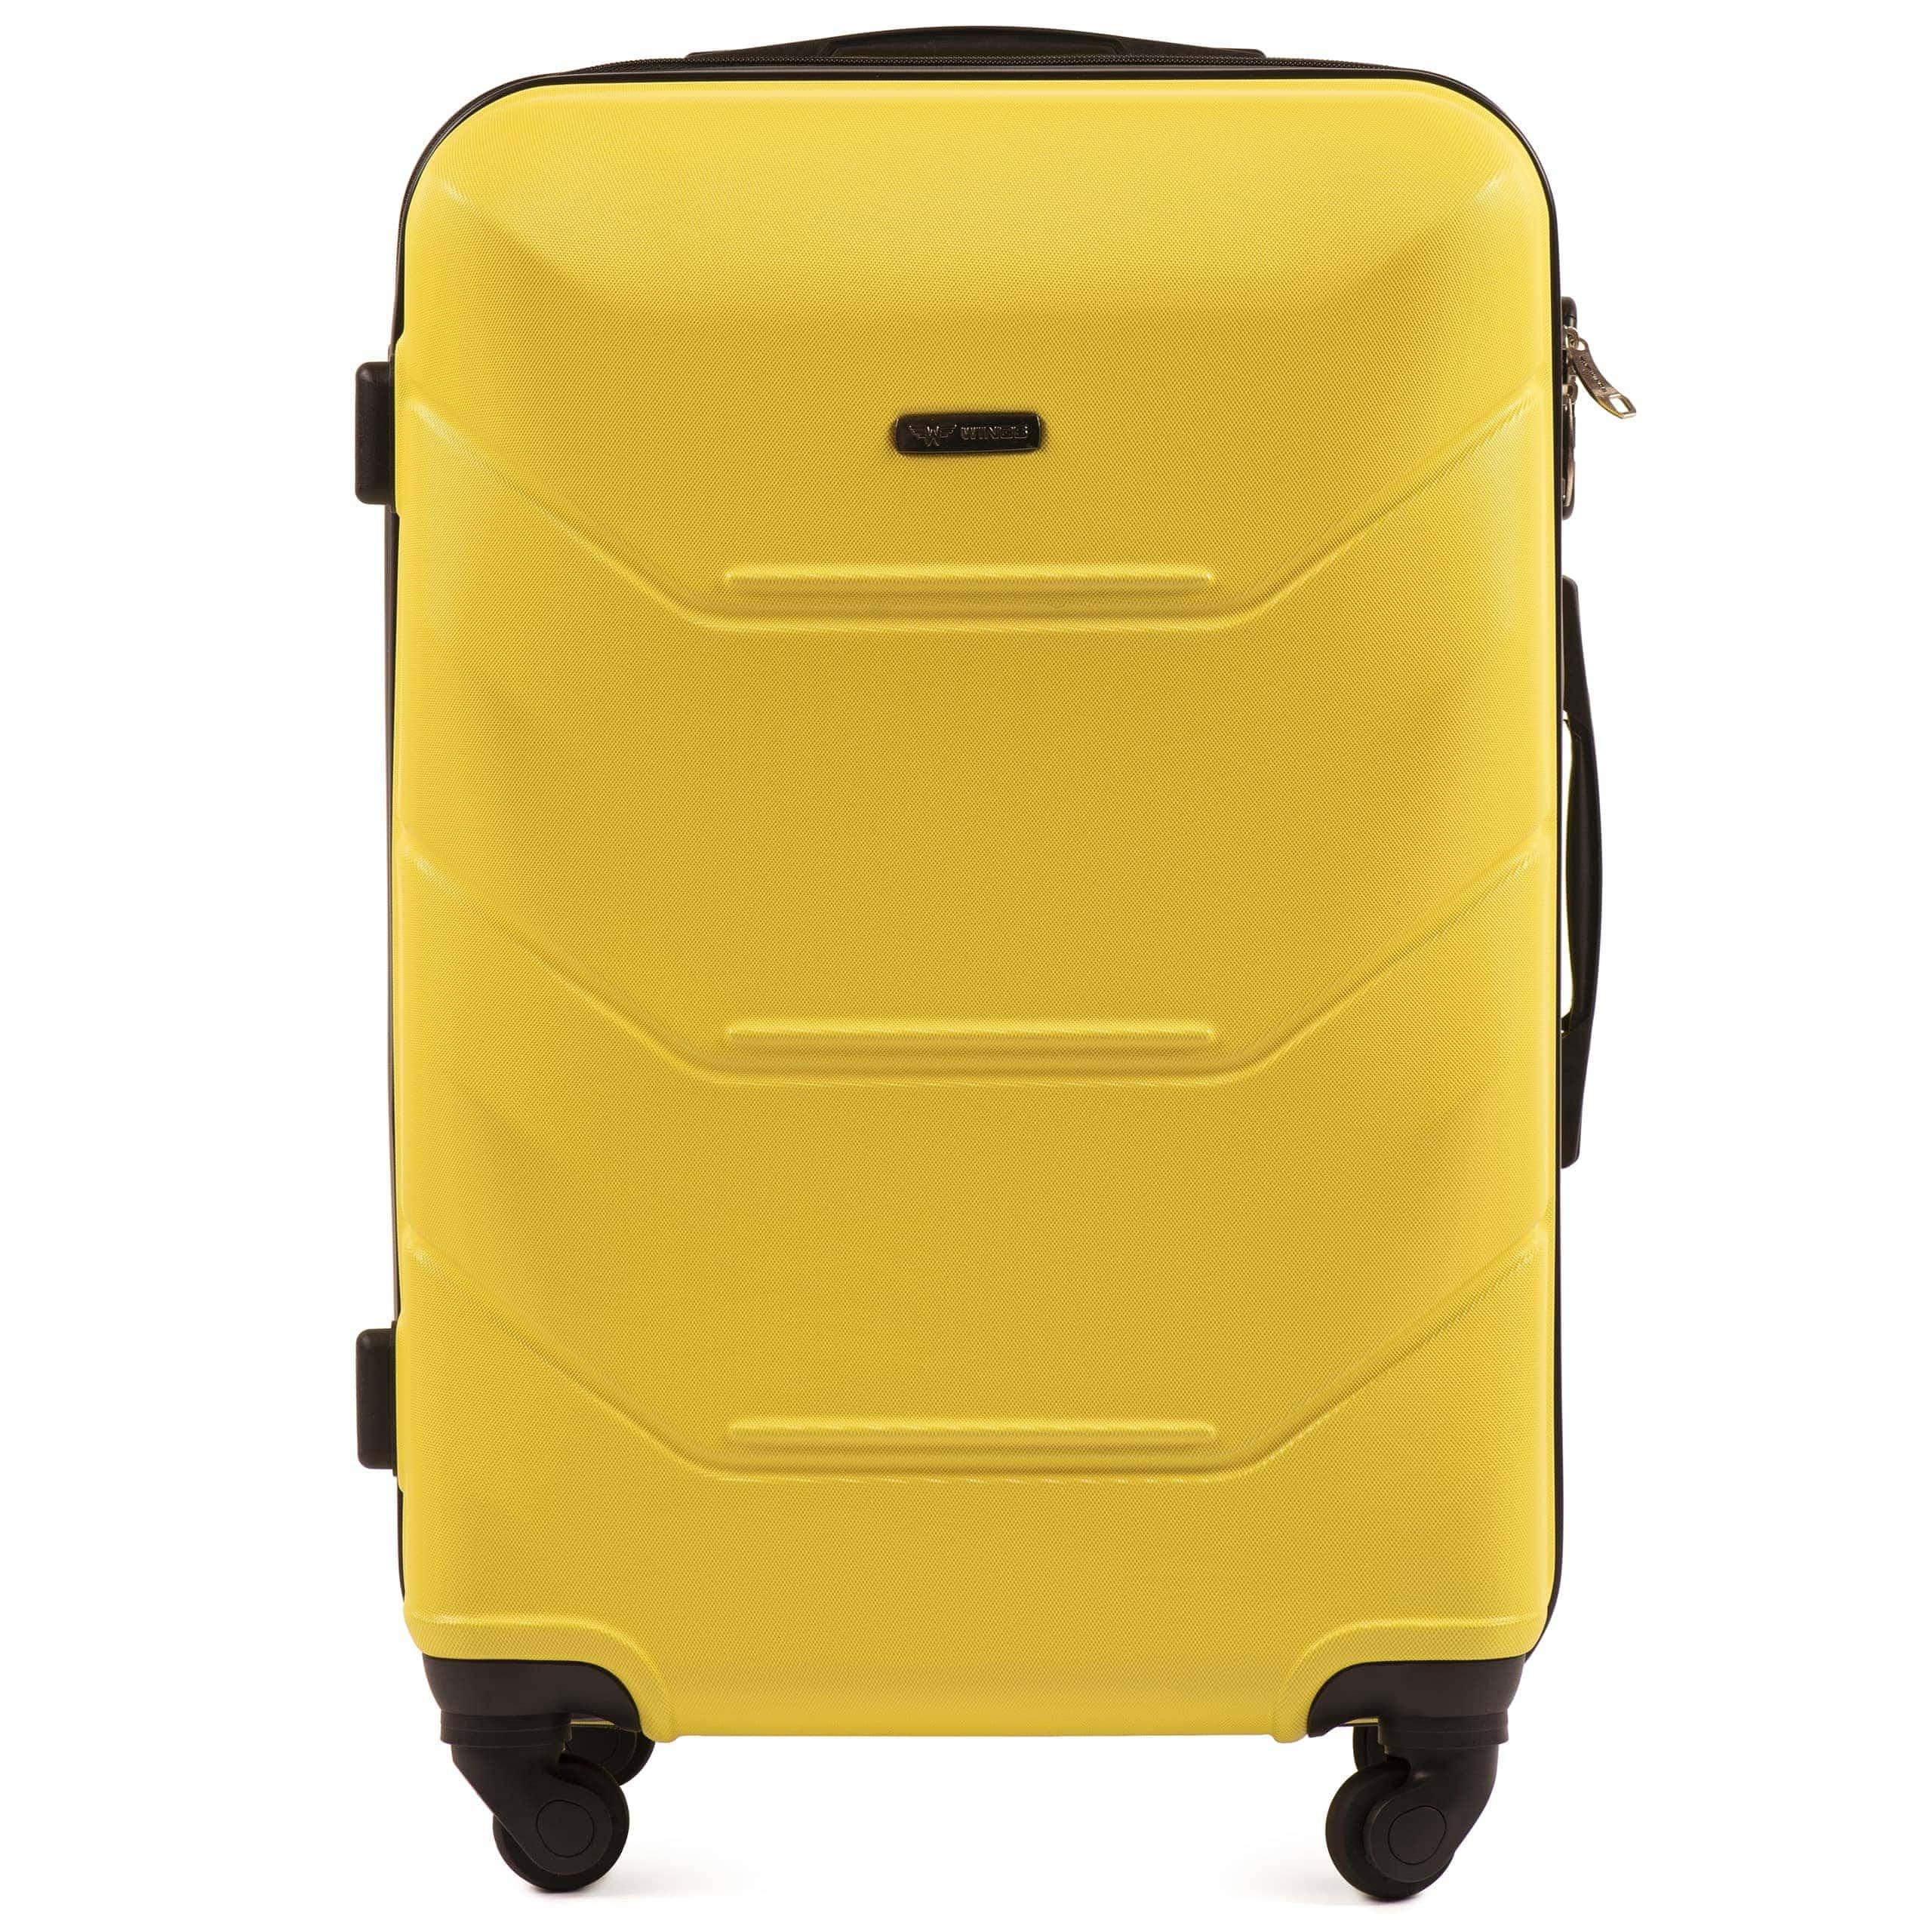 СРЕДНИЙ ЧЕМОДАН WINGS 147 M YELLOW PREMIUM НА 4-Х КАУЧУКОВЫХ КОЛЕСАХ! Для багажа ,до 18 кг